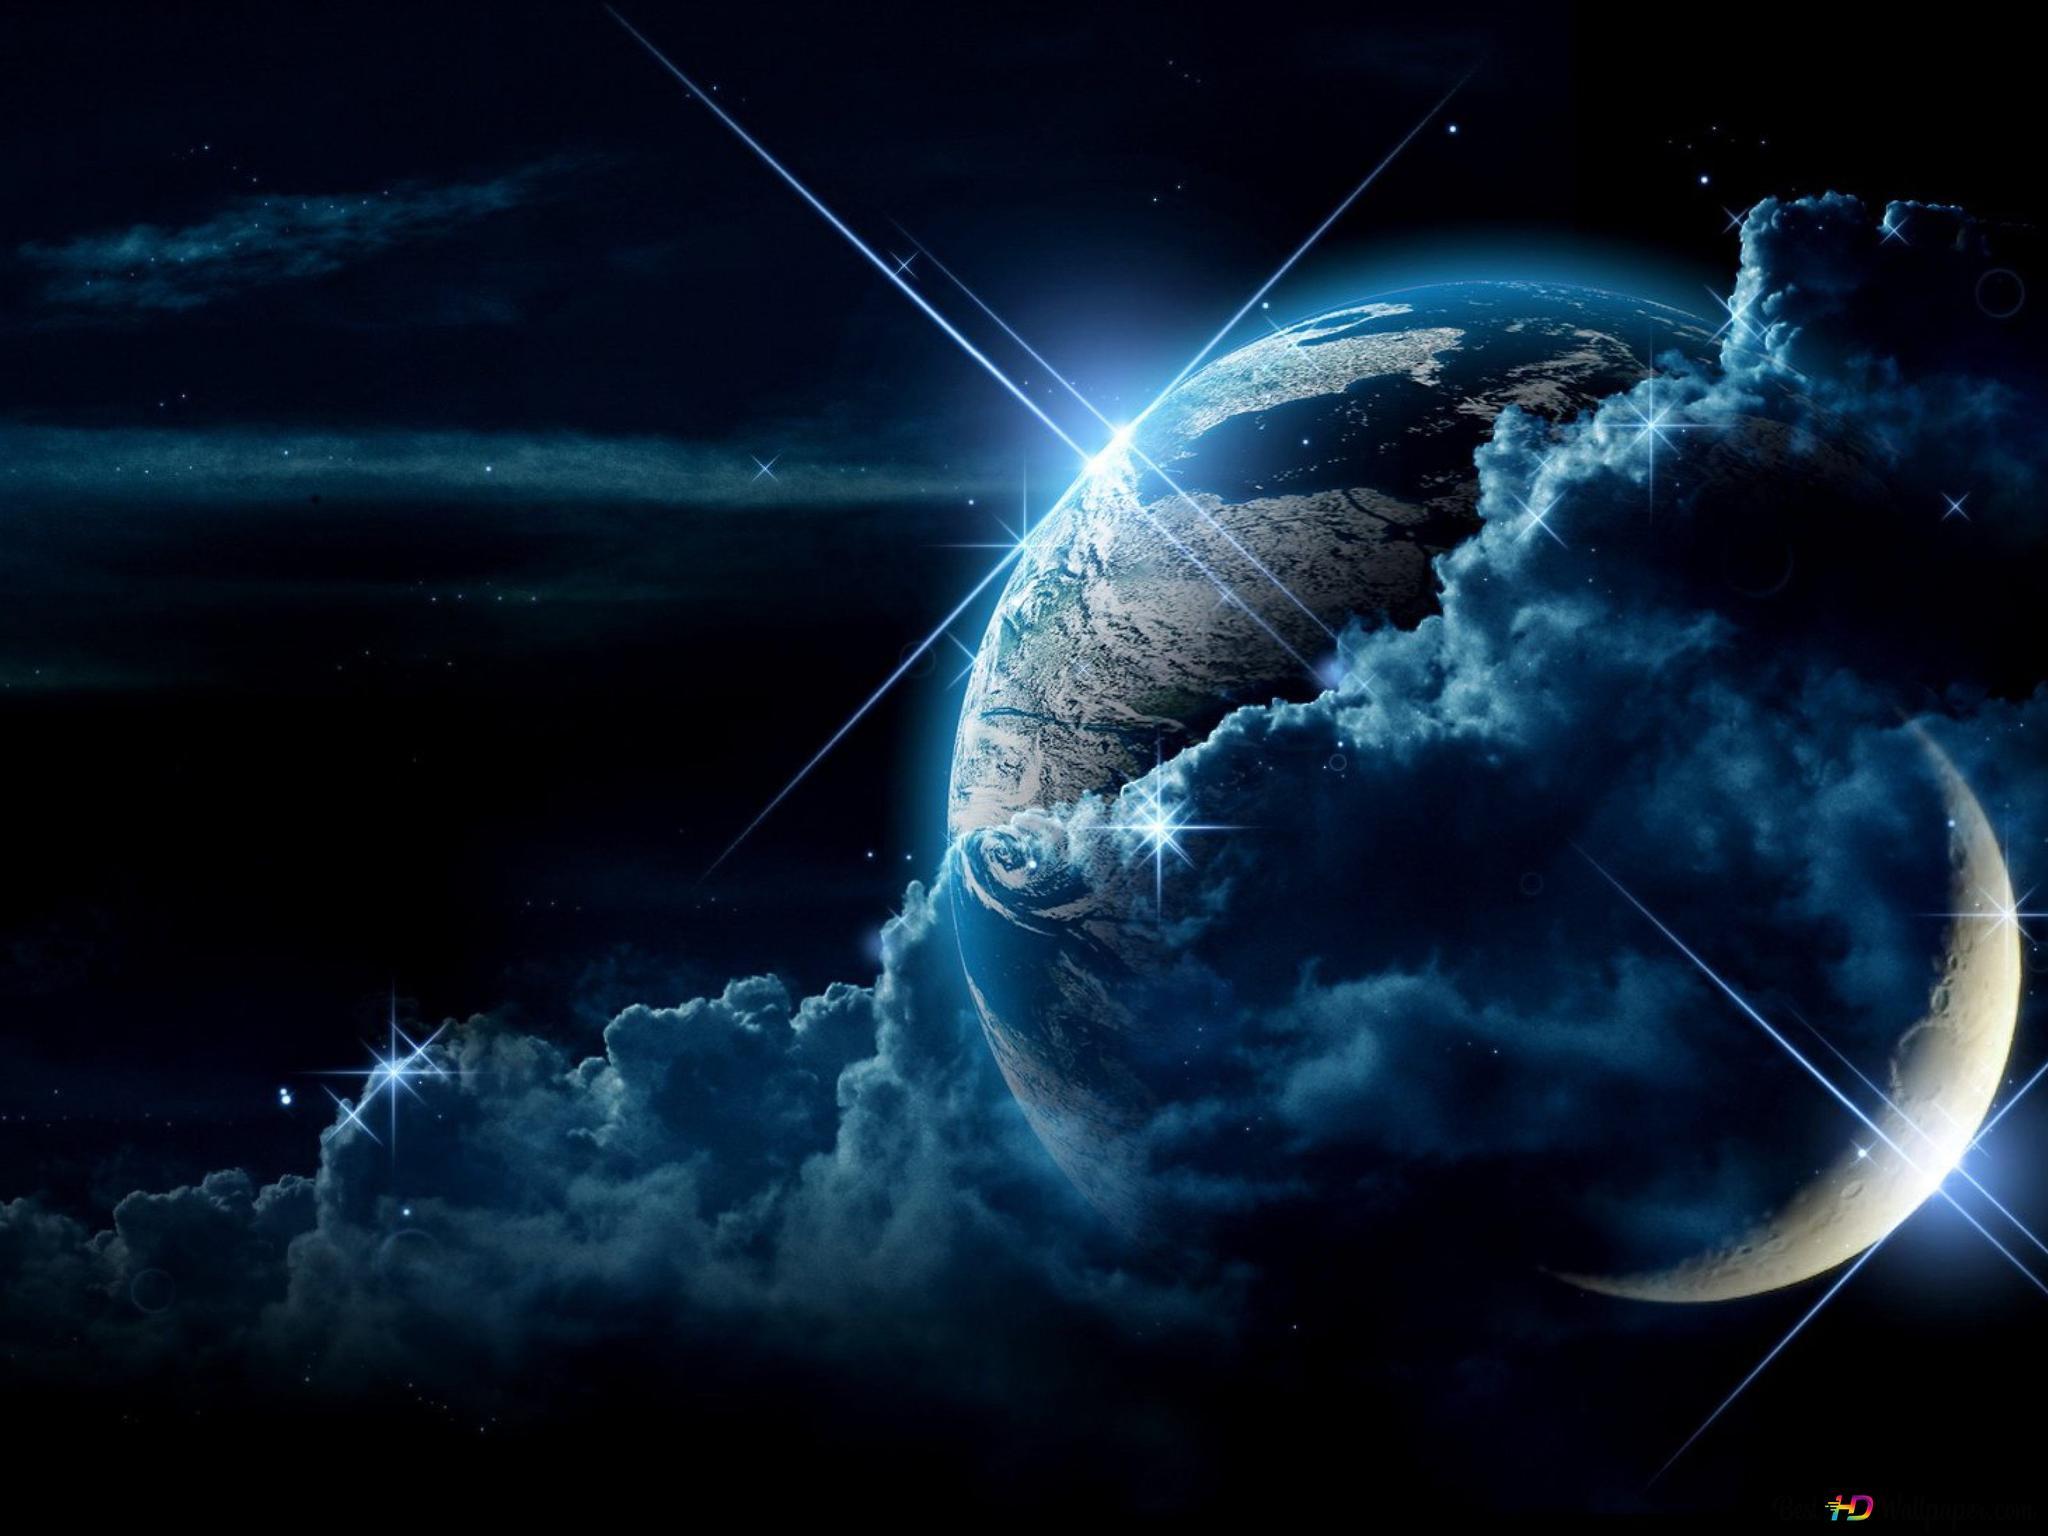 月球和行星高清壁紙下載